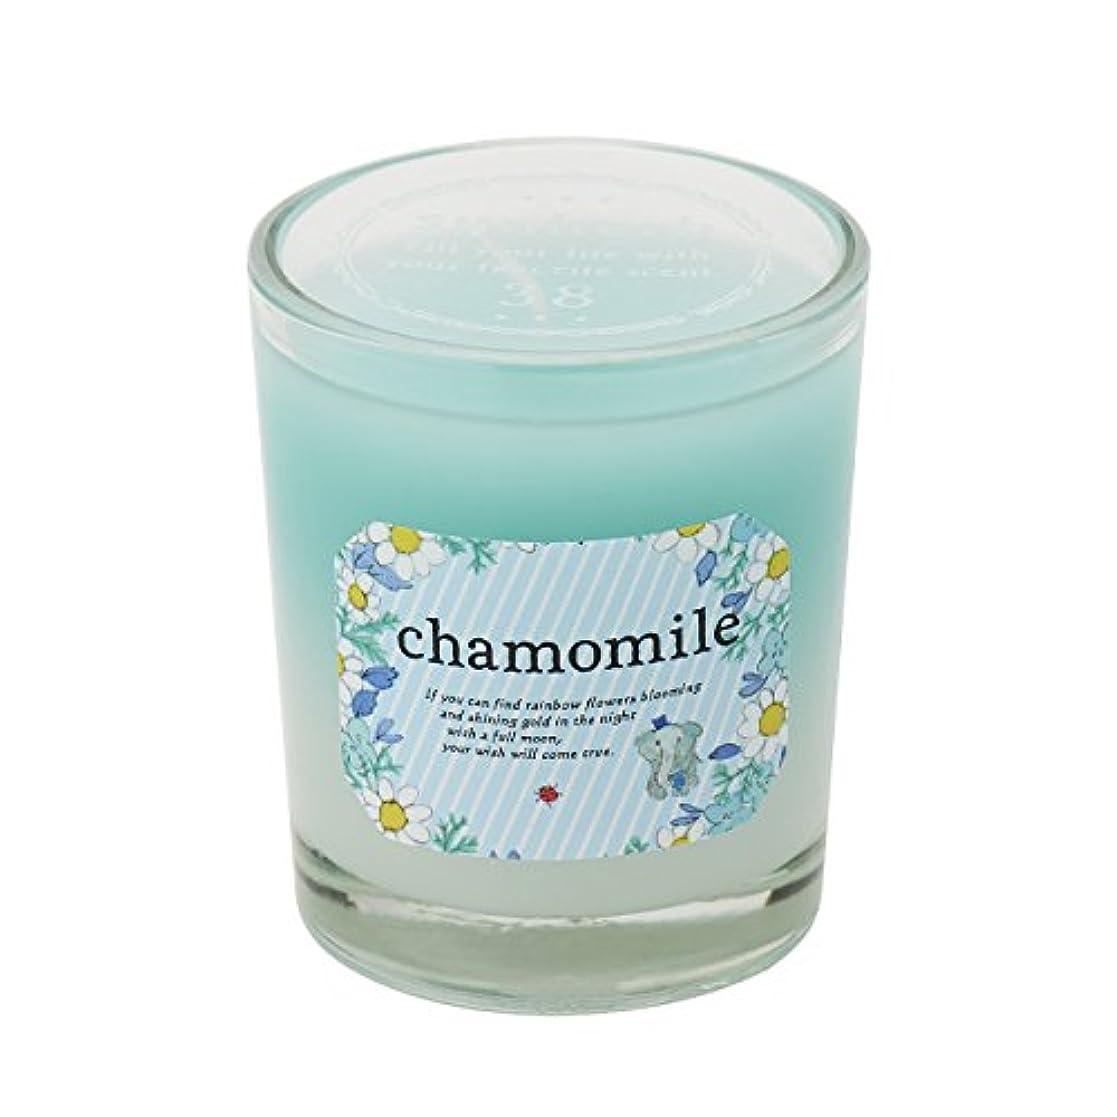 エキスパート韓国語マークされたサンハーブ グラスキャンドル カモマイル 35g(グラデーションろうそく 燃焼時間約10時間 やさしく穏やかな甘い香り)